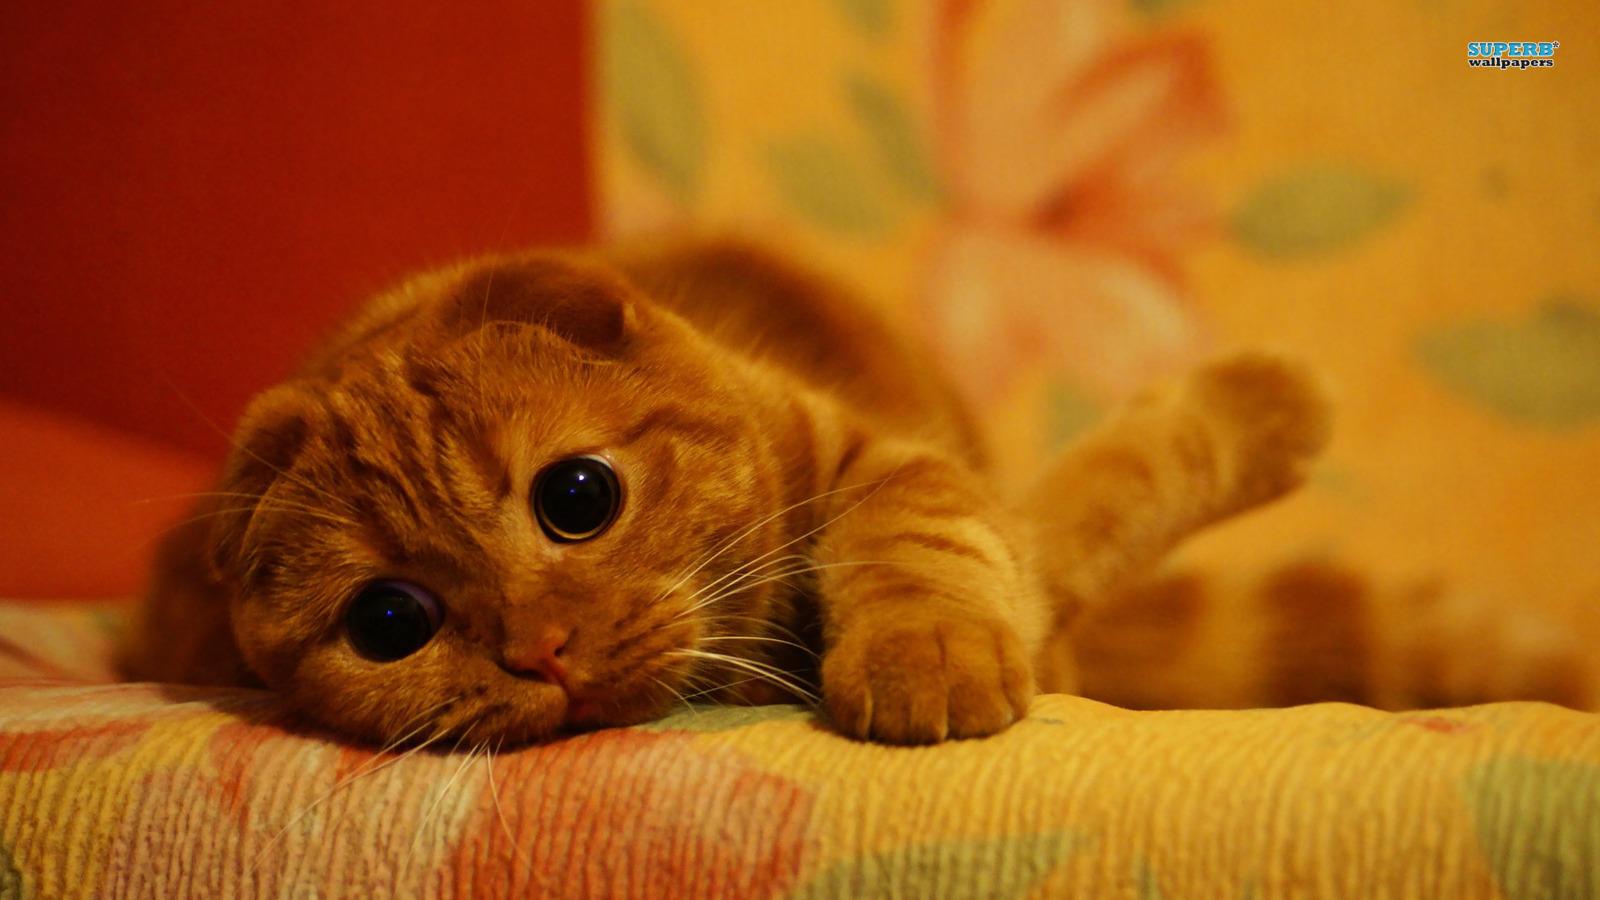 壁纸 动物 猫 猫咪 小猫 桌面 1600_900